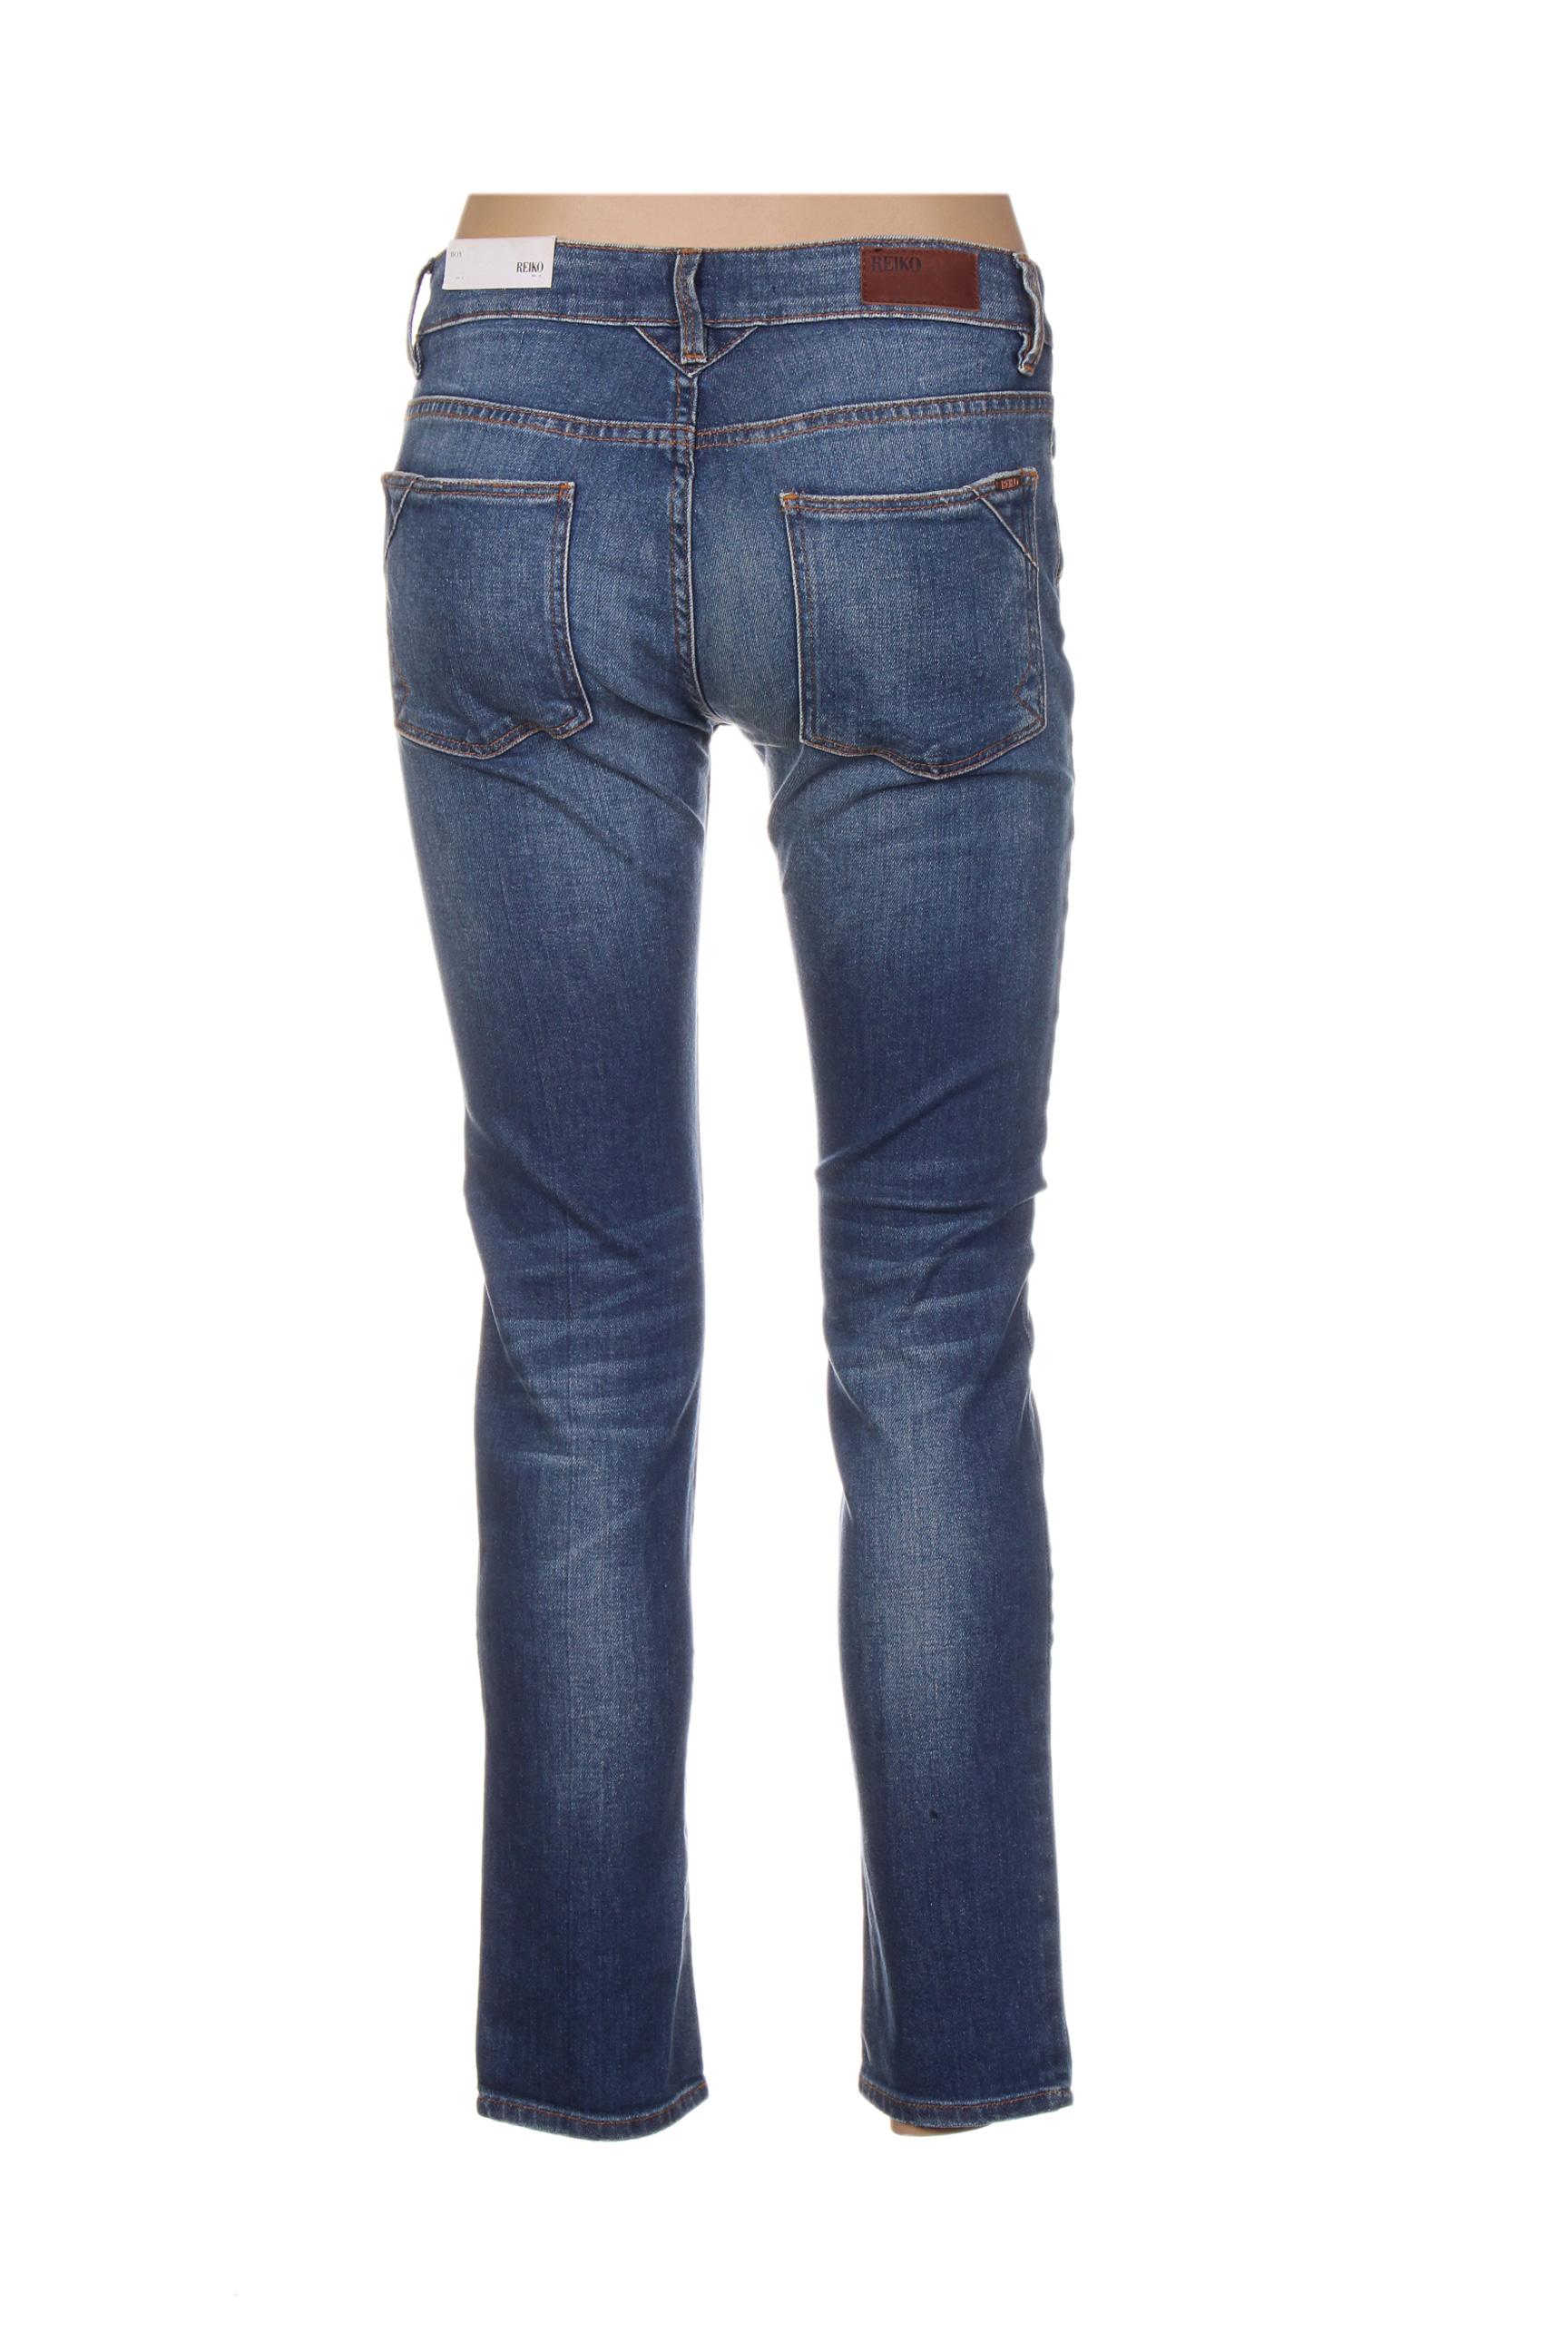 Reiko Jeans Coupe Slim Femme De Couleur Bleu En Soldes Pas Cher 1318402-bleu00